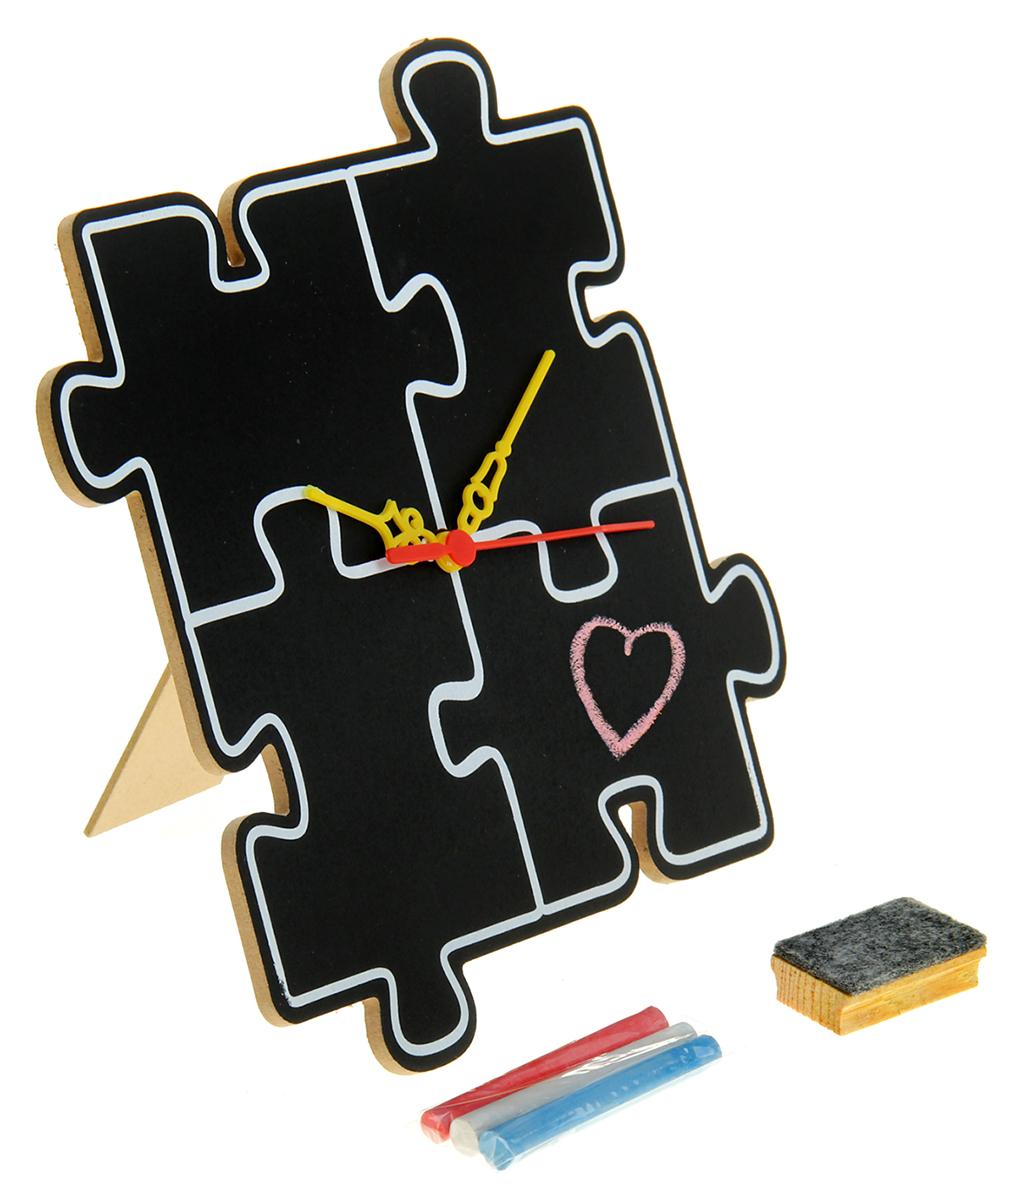 Часы Мозаика, с мелком 23,6 х 23,6 см. 836797836797Приятнее, чем с головой погрузиться в творческий процесс, может быть только ощущение наслаждения результатами своей деятельности. Часы настольные для рисования Мозаика понравятся и взрослым, и детям, начинающим раскрывать свой талант. Ведь это не просто часы, а отличный способ приятно и с пользой провести время. Вы сами создаете их уникальный стиль! Вам нужно просто, проявив фантазию, раскрасить часы в свои любимые цвета. Когда всё готово, остаётся вставить в часовой механизм батарейку (не входит в комплект) и поставить часы на самое видное место!